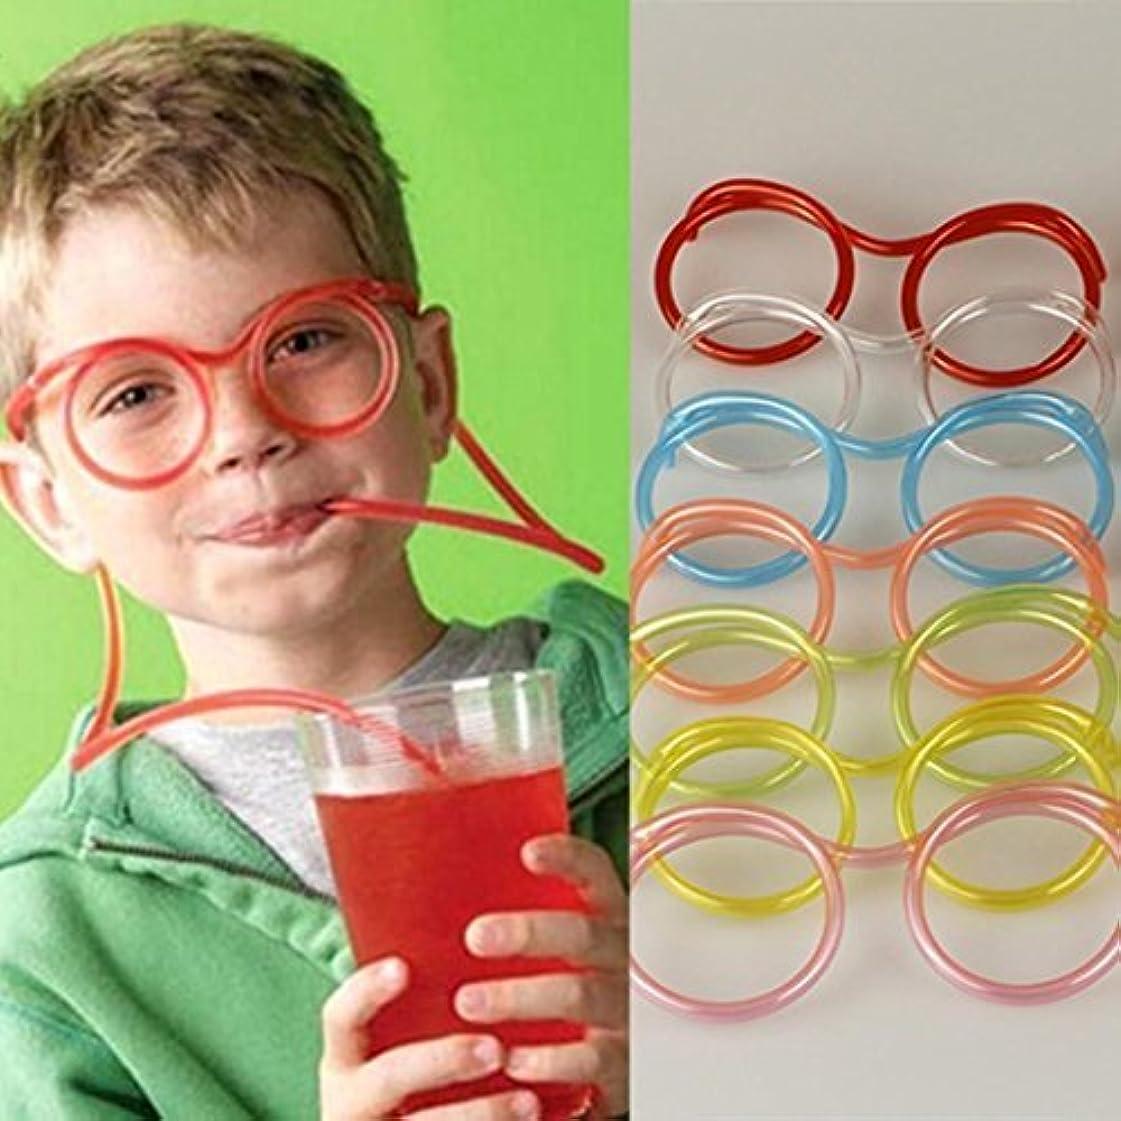 寛大さ覗くフランクワースリー子供の狂った管の柔軟なギフトパーティーストロー楽しい目新しさを飲んでガラスの供給